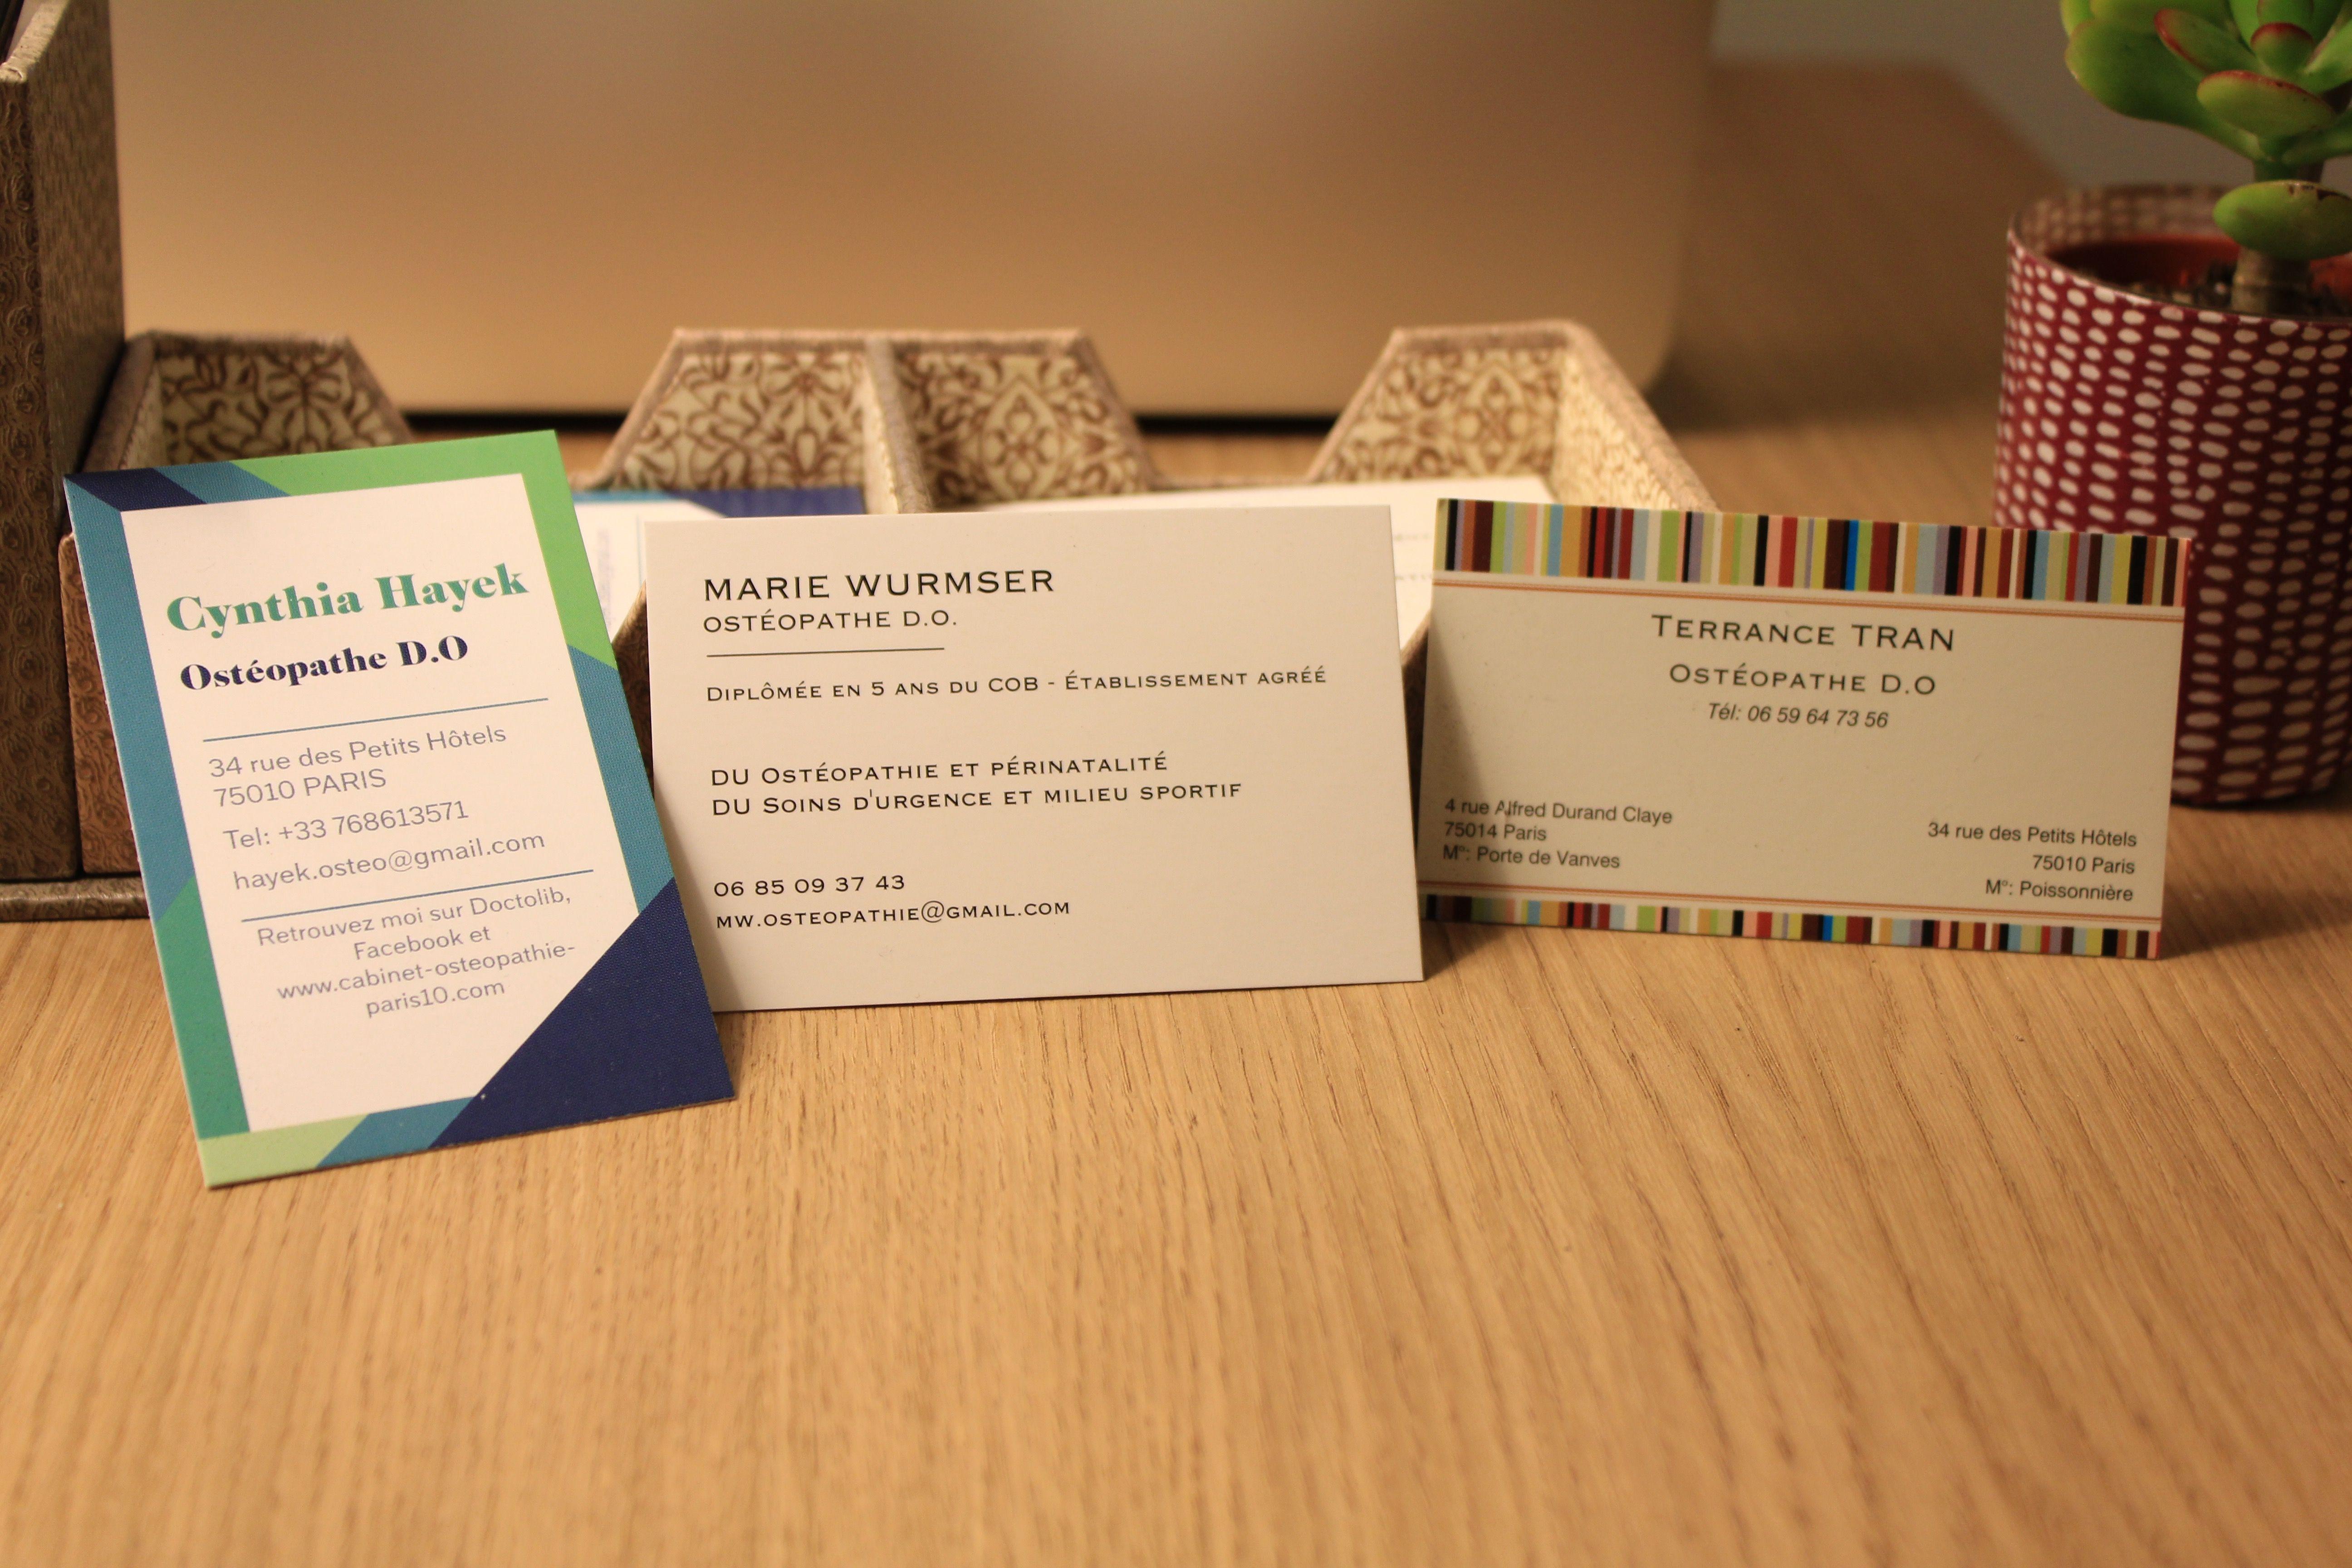 Osteopathe Paris 10 Carte De Visite Avec Images Osteopathie